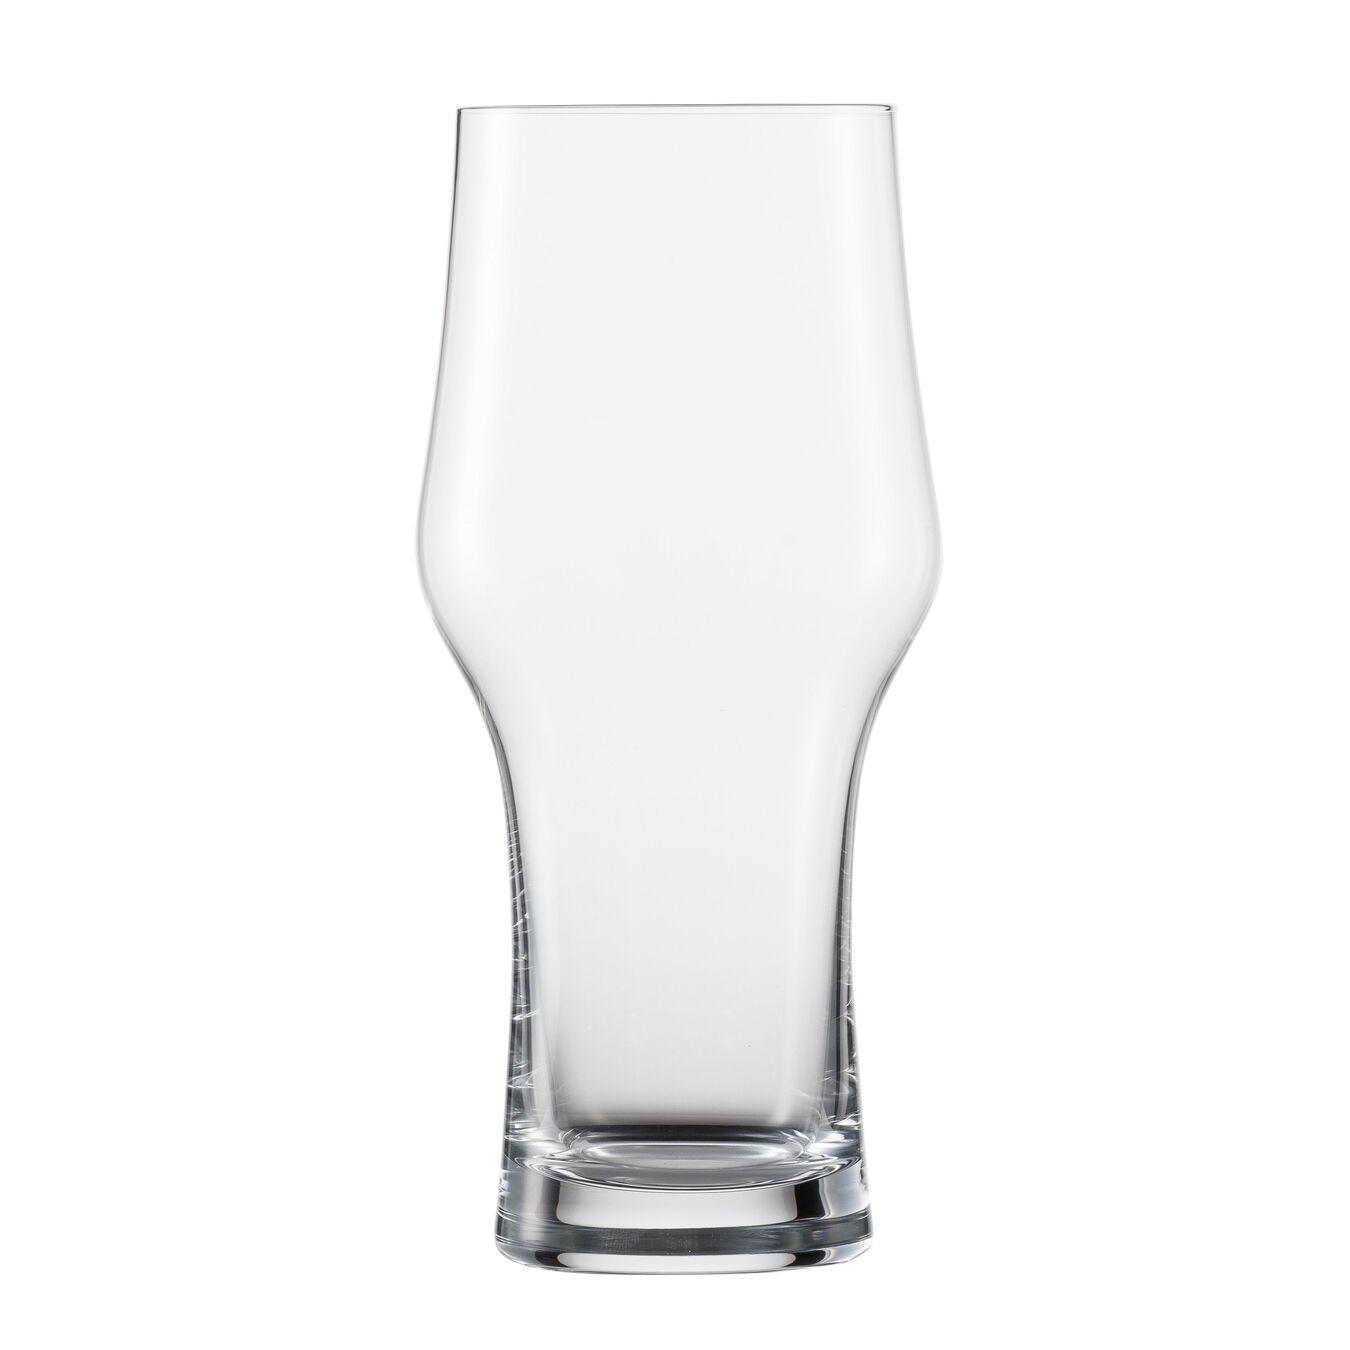 Bira Bardağı | 540 ml,,large 1